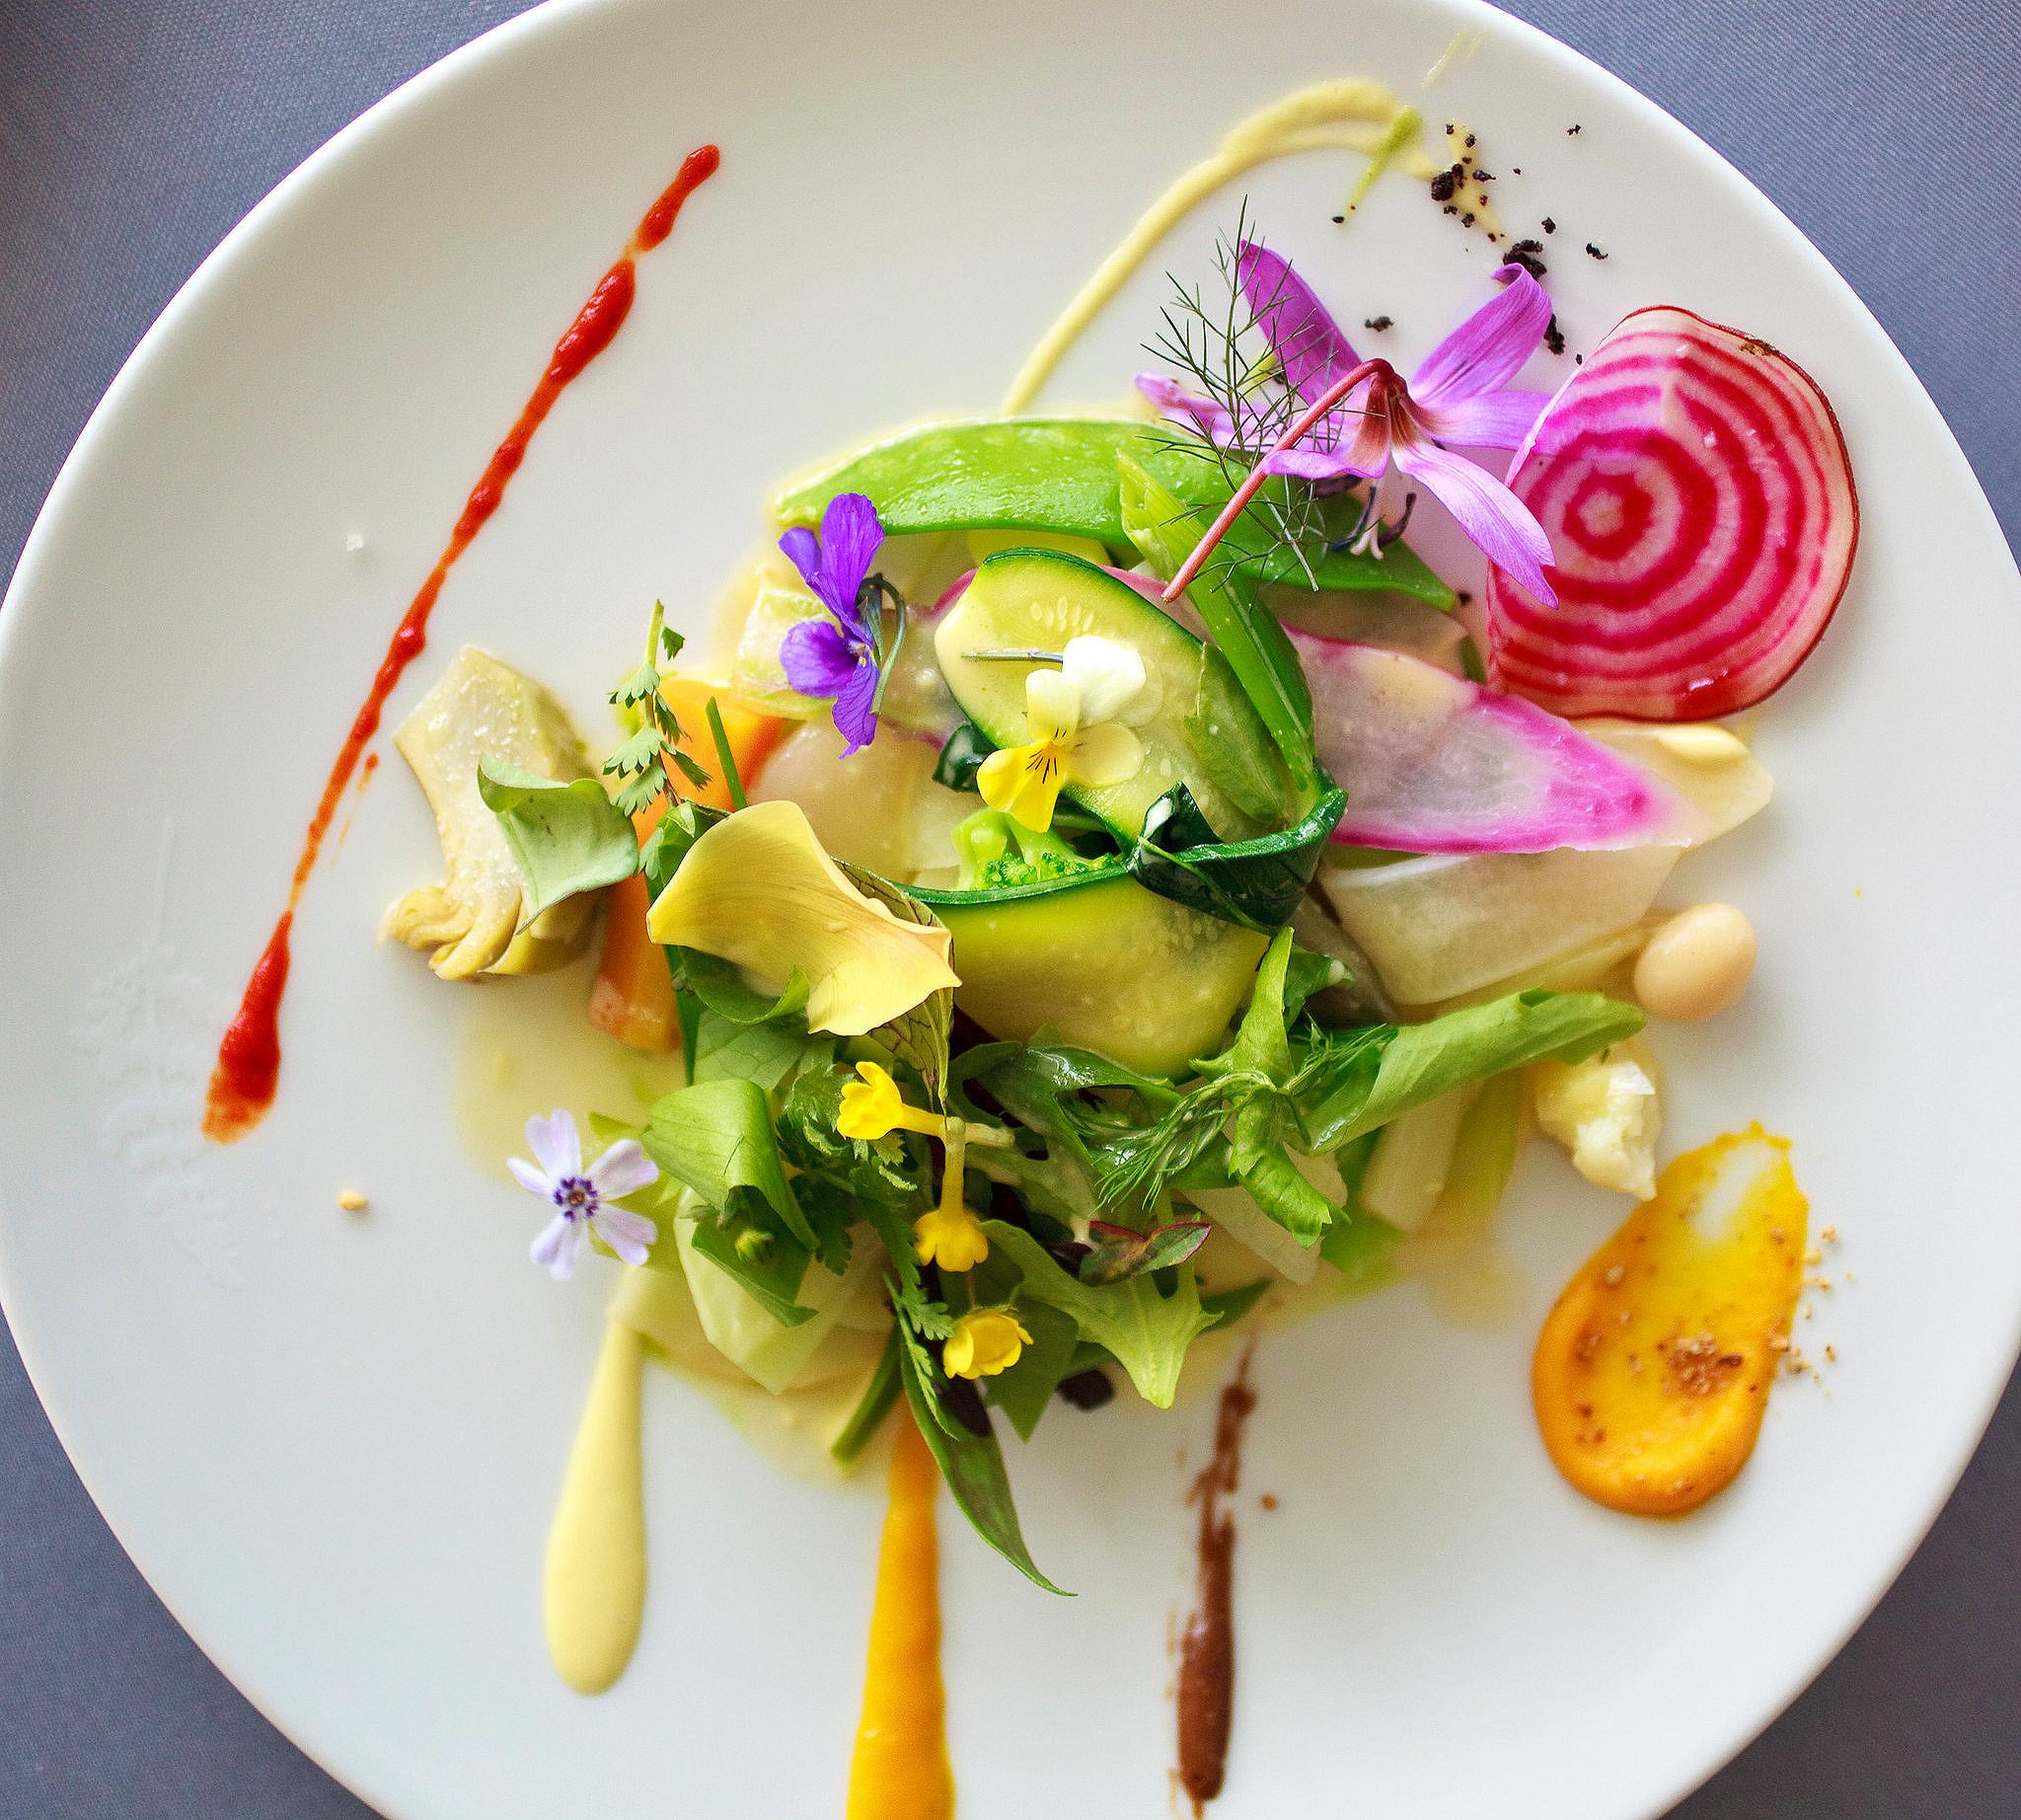 Tại các nhà hàng cao cấp, mỗi món ăn đều được đầu bếp trang trí như một tác phẩm nghệ thuật trước khi mang ra phục vụ khách. Trên ảnh là món ăn Pháp có tên Gargouillou, gồm ít nhất 16 loại rau được nấu riêng rồi sắp xếp lại trên đĩa sao cho đẹp mắt. Nếu là một đĩa đầy rau, thay vì một phần nhỏ, đầu bếp sẽ không thể trang trí chúng một cách đầy nghệ thuật như thế này.Có một món ăn Pháp tên là Gargouillou , bao gồm ít nhất 16 loại rau khác nhau, được nấu riêng biệt. Chiếc đĩa được sắp xếp như một tác phẩm nghệ thuật và chắc chắn sẽ gây ấn tượng với bất kỳ khách hàng nào nhìn thấy tấm bạt đáng kính này trên đĩa. Hãy tưởng tượng bạn đang cố gắng sắp xếp đẹp mắt tất cả những loại rau nhỏ bé này trên một chiếc đĩa đã đầy ắp. Nó có thể sẽ không đẹp về mặt thẩm mỹ như trong hình. Vì vậy, các đầu bếp thích giảm khẩu phần ăn hơn.